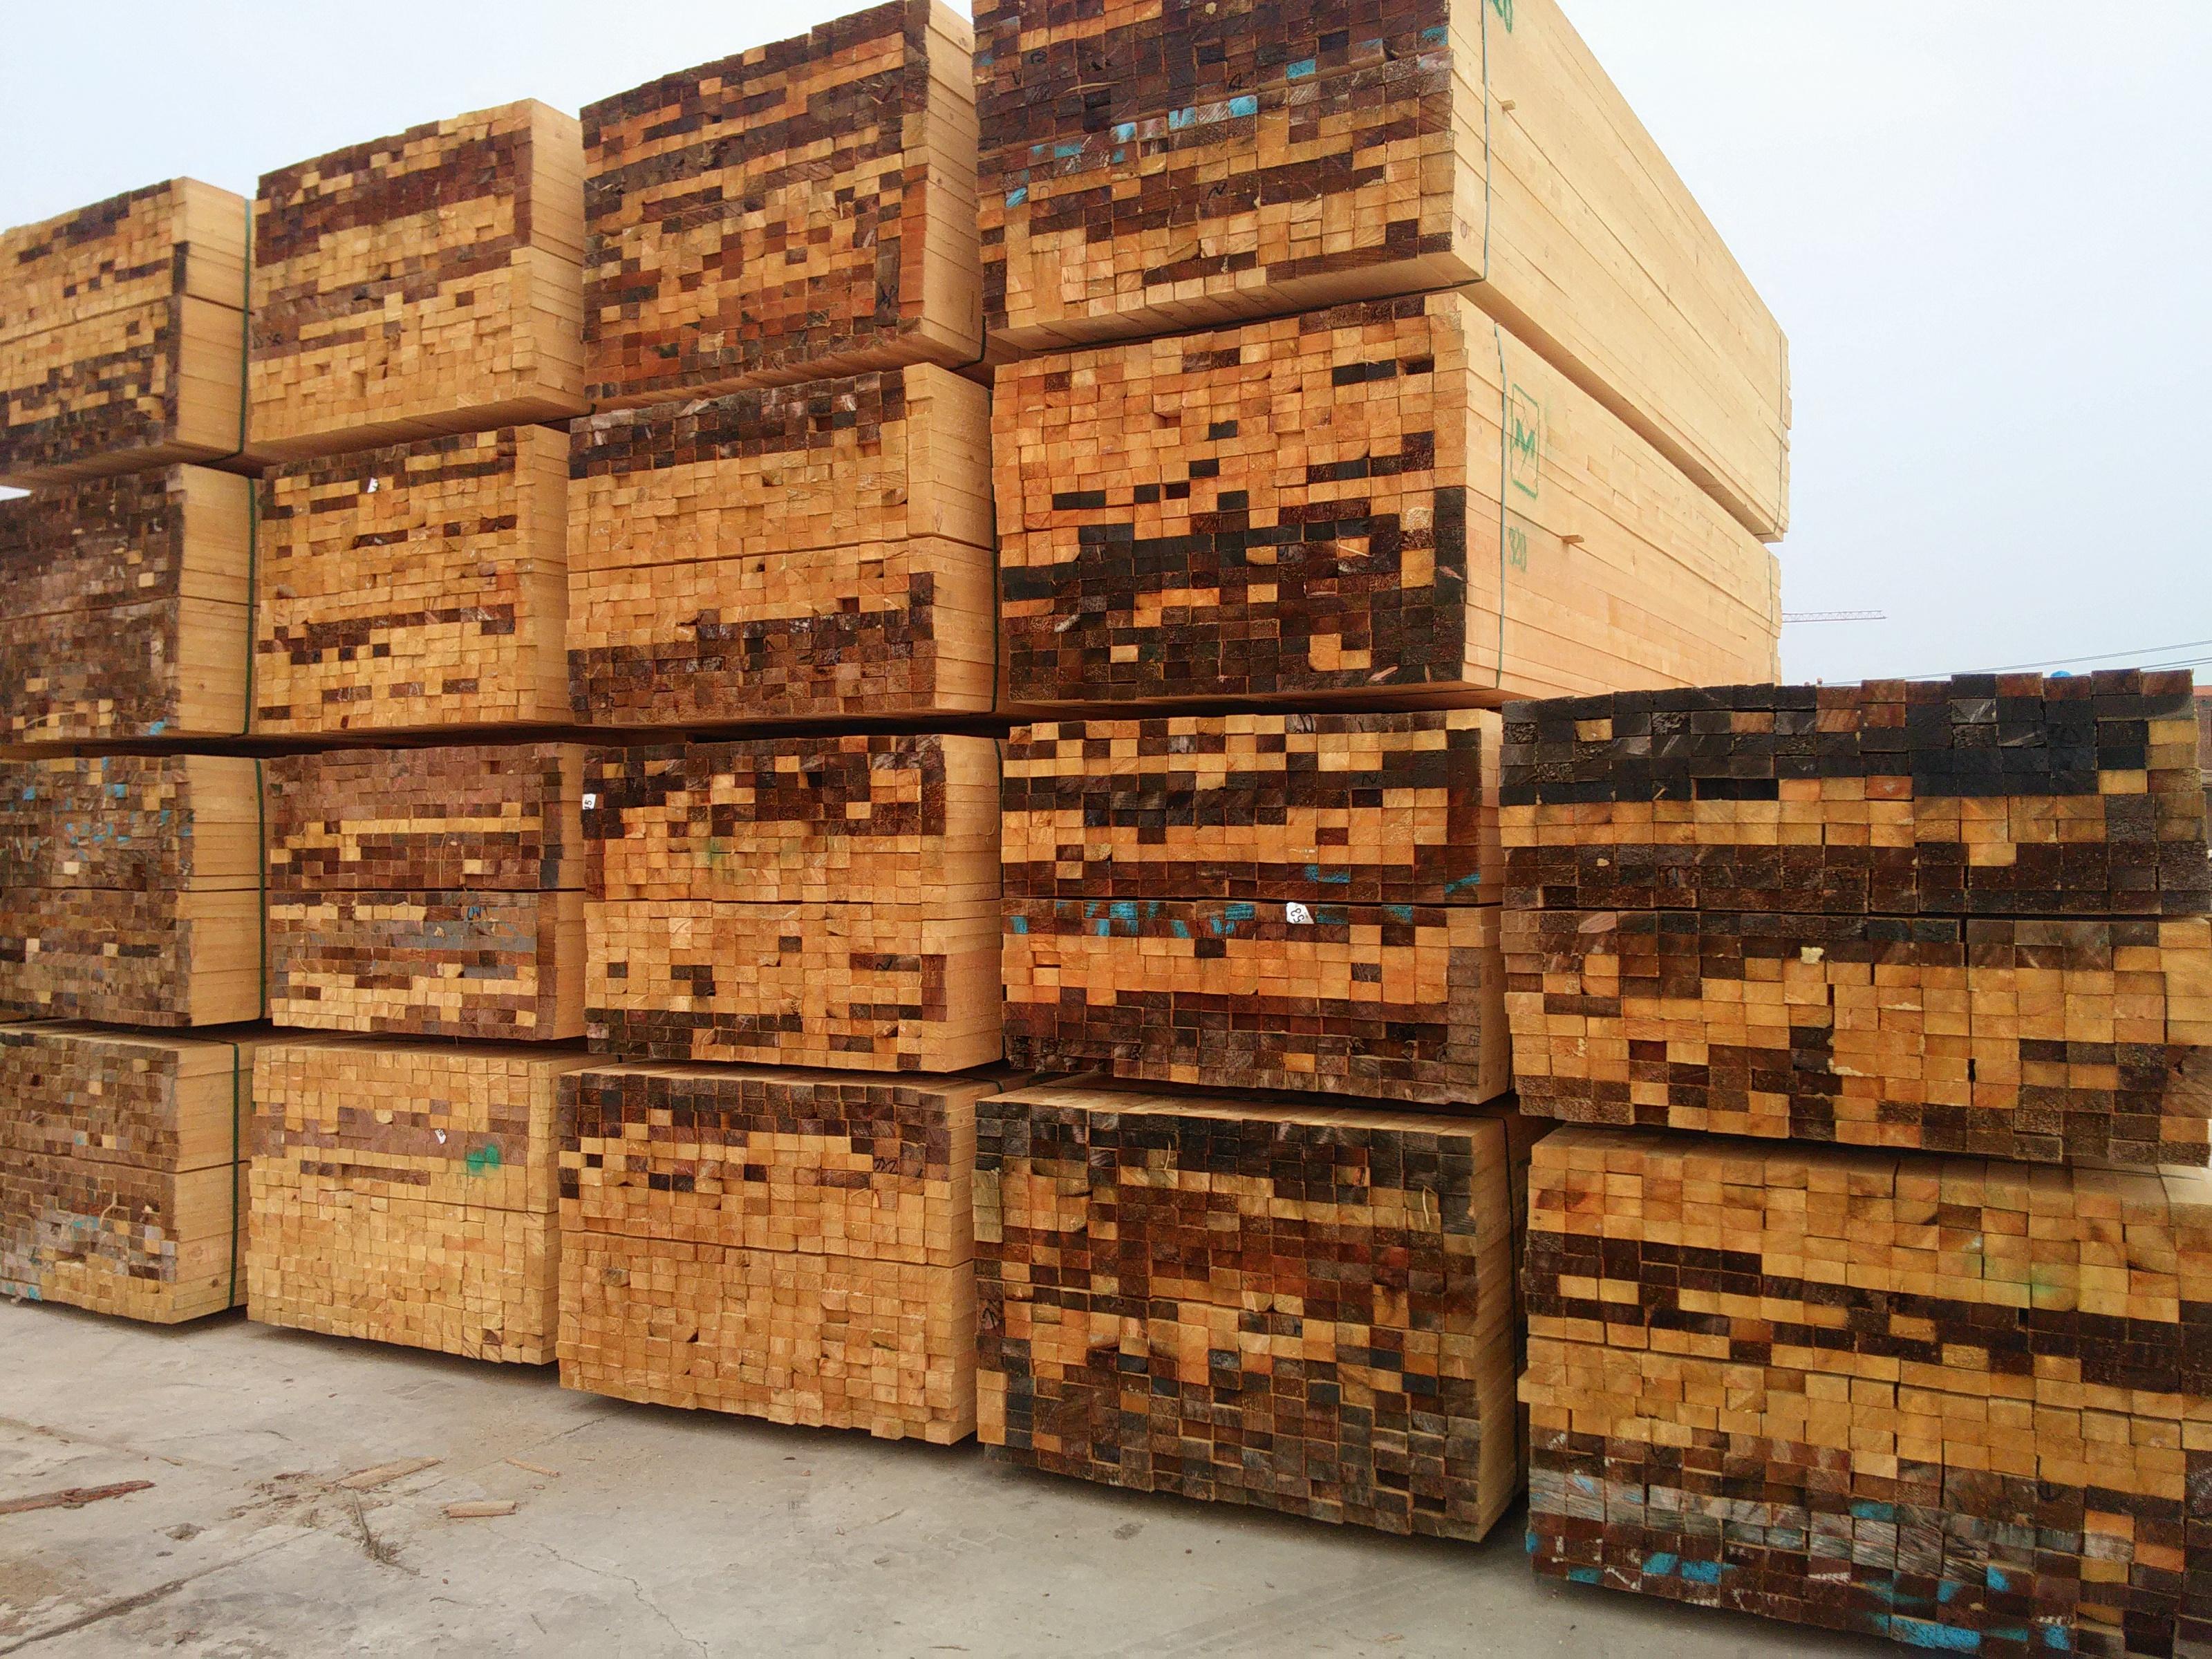 优质加拿大铁杉木方图片 优质加拿大铁杉木方样板图